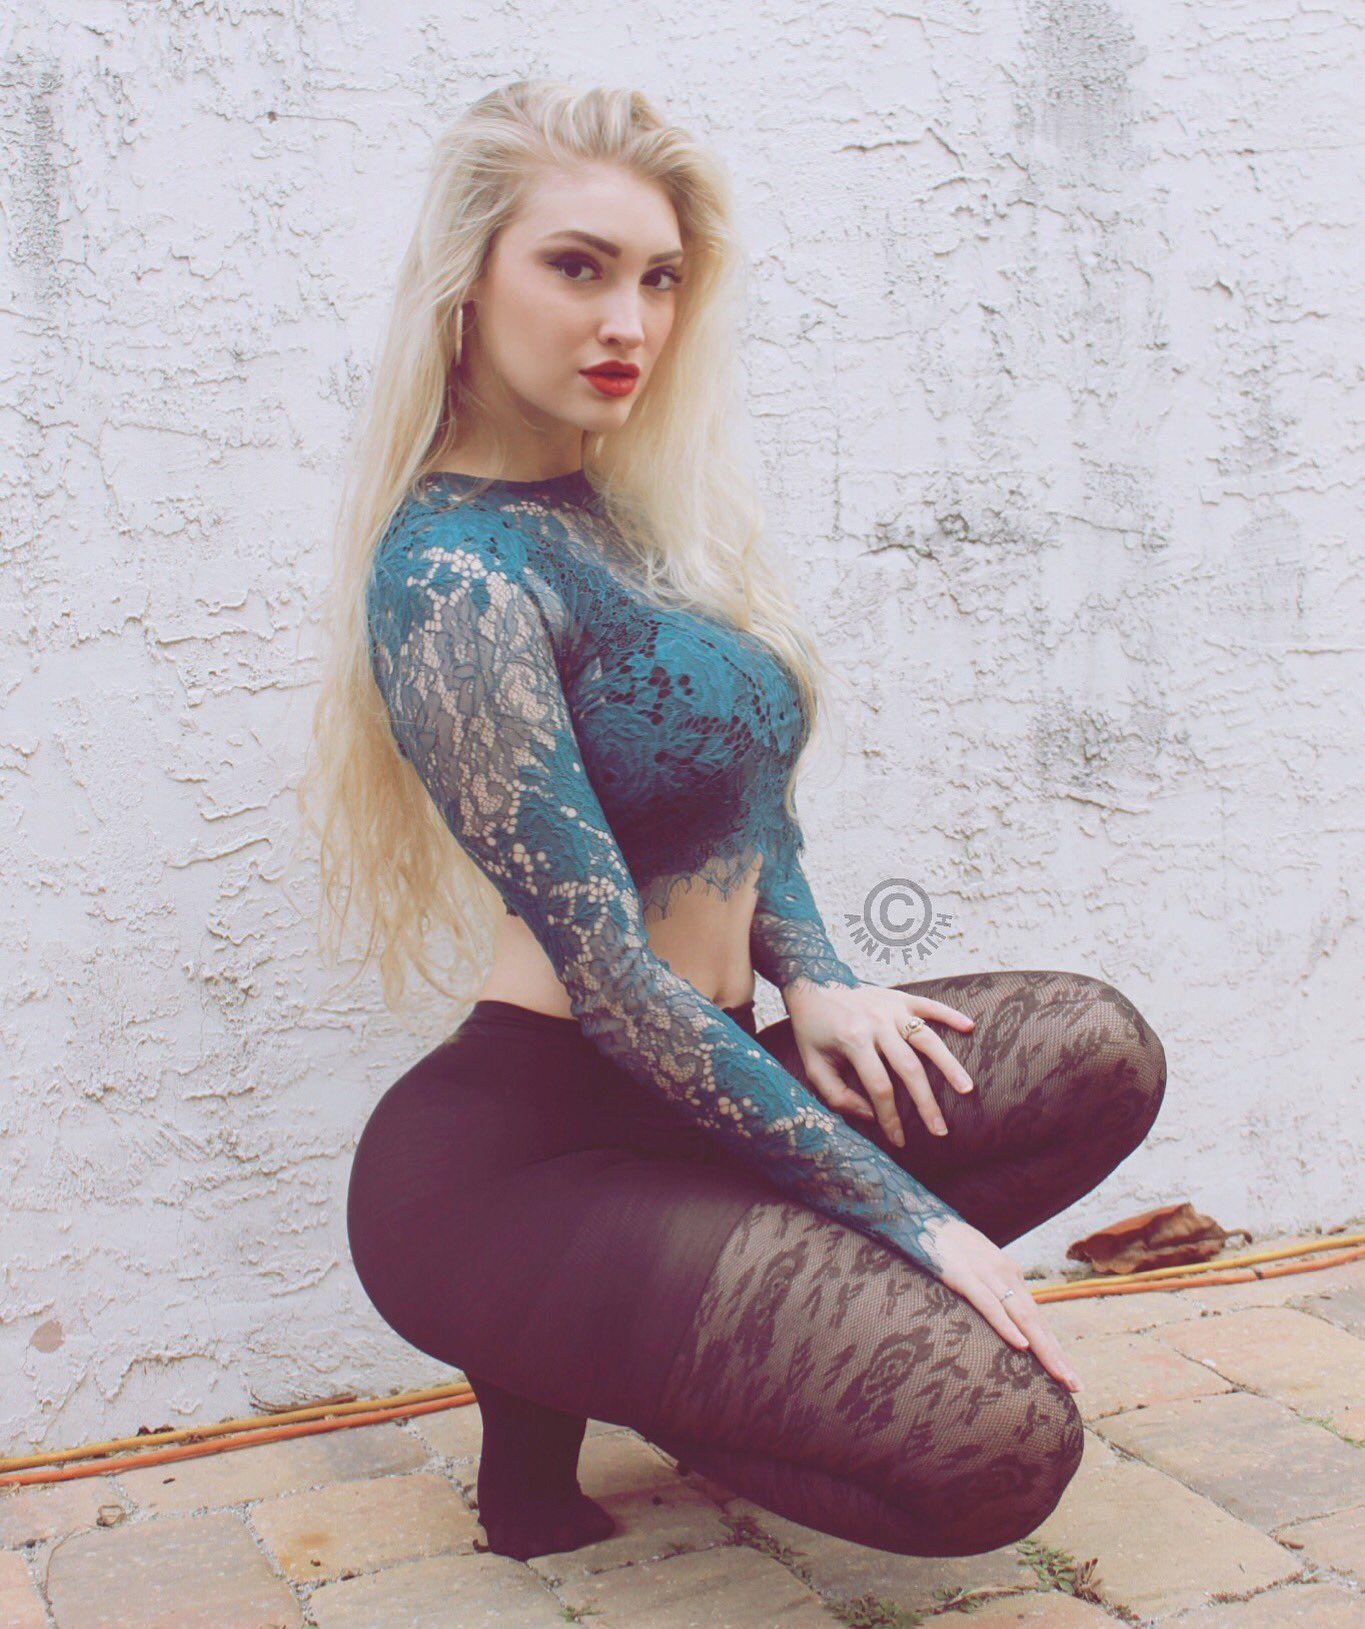 Anna sexy exposures